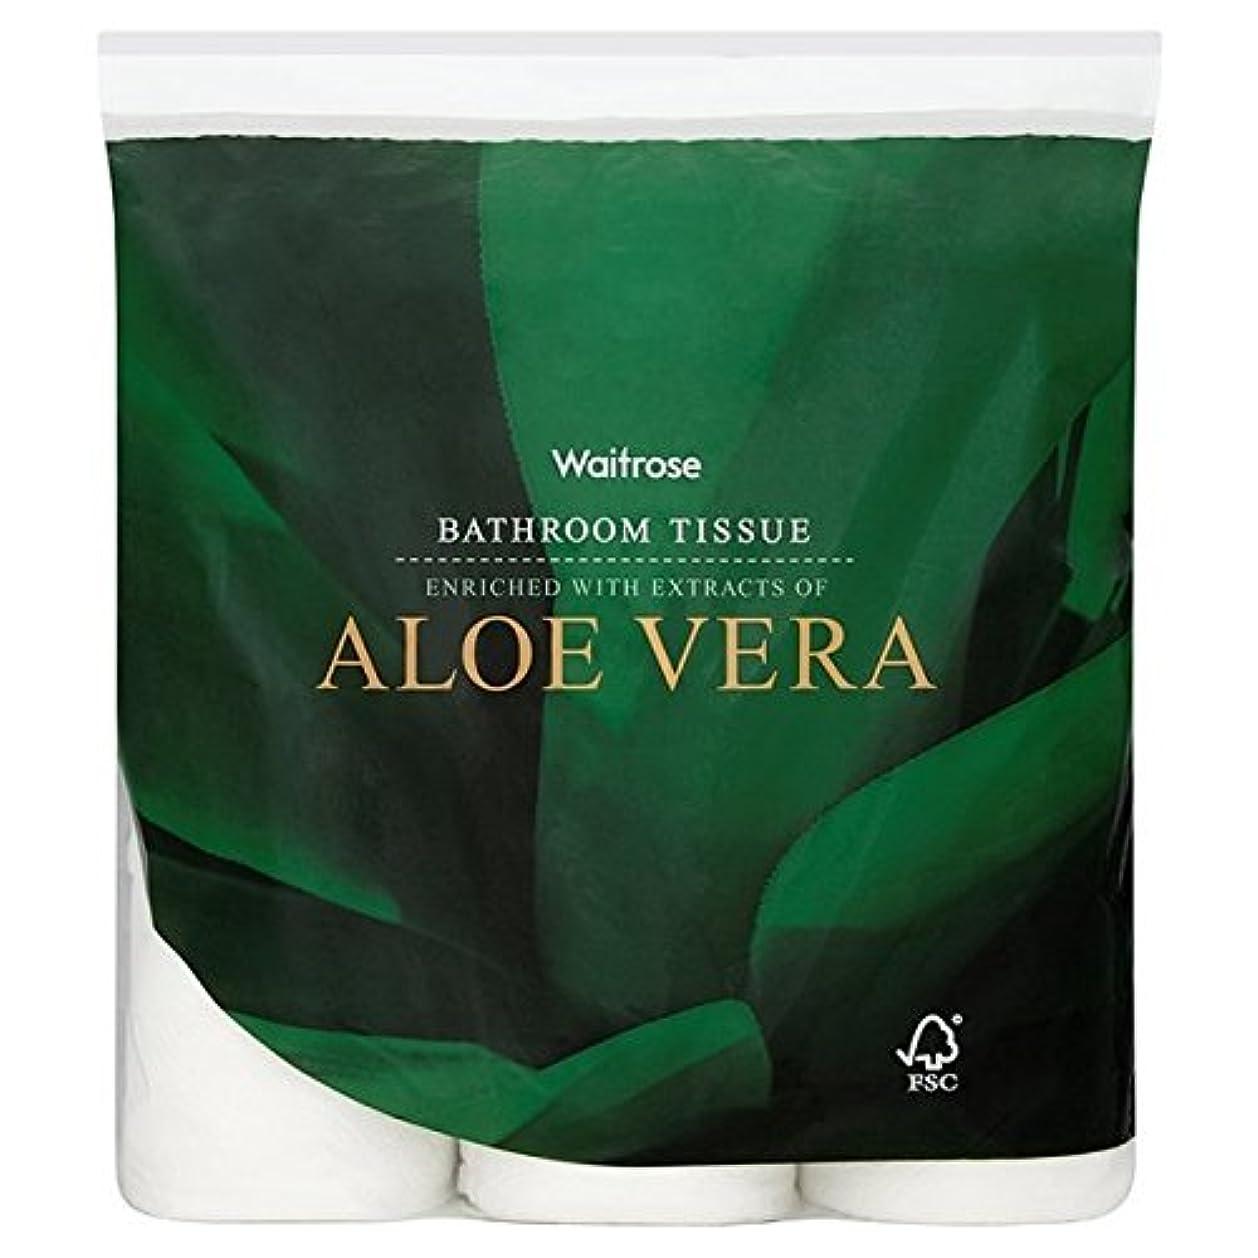 毎年アッパー適度なパックあたりアロエベラ浴室組織白ウェイトローズ9 x4 - Aloe Vera Bathroom Tissue White Waitrose 9 per pack (Pack of 4) [並行輸入品]